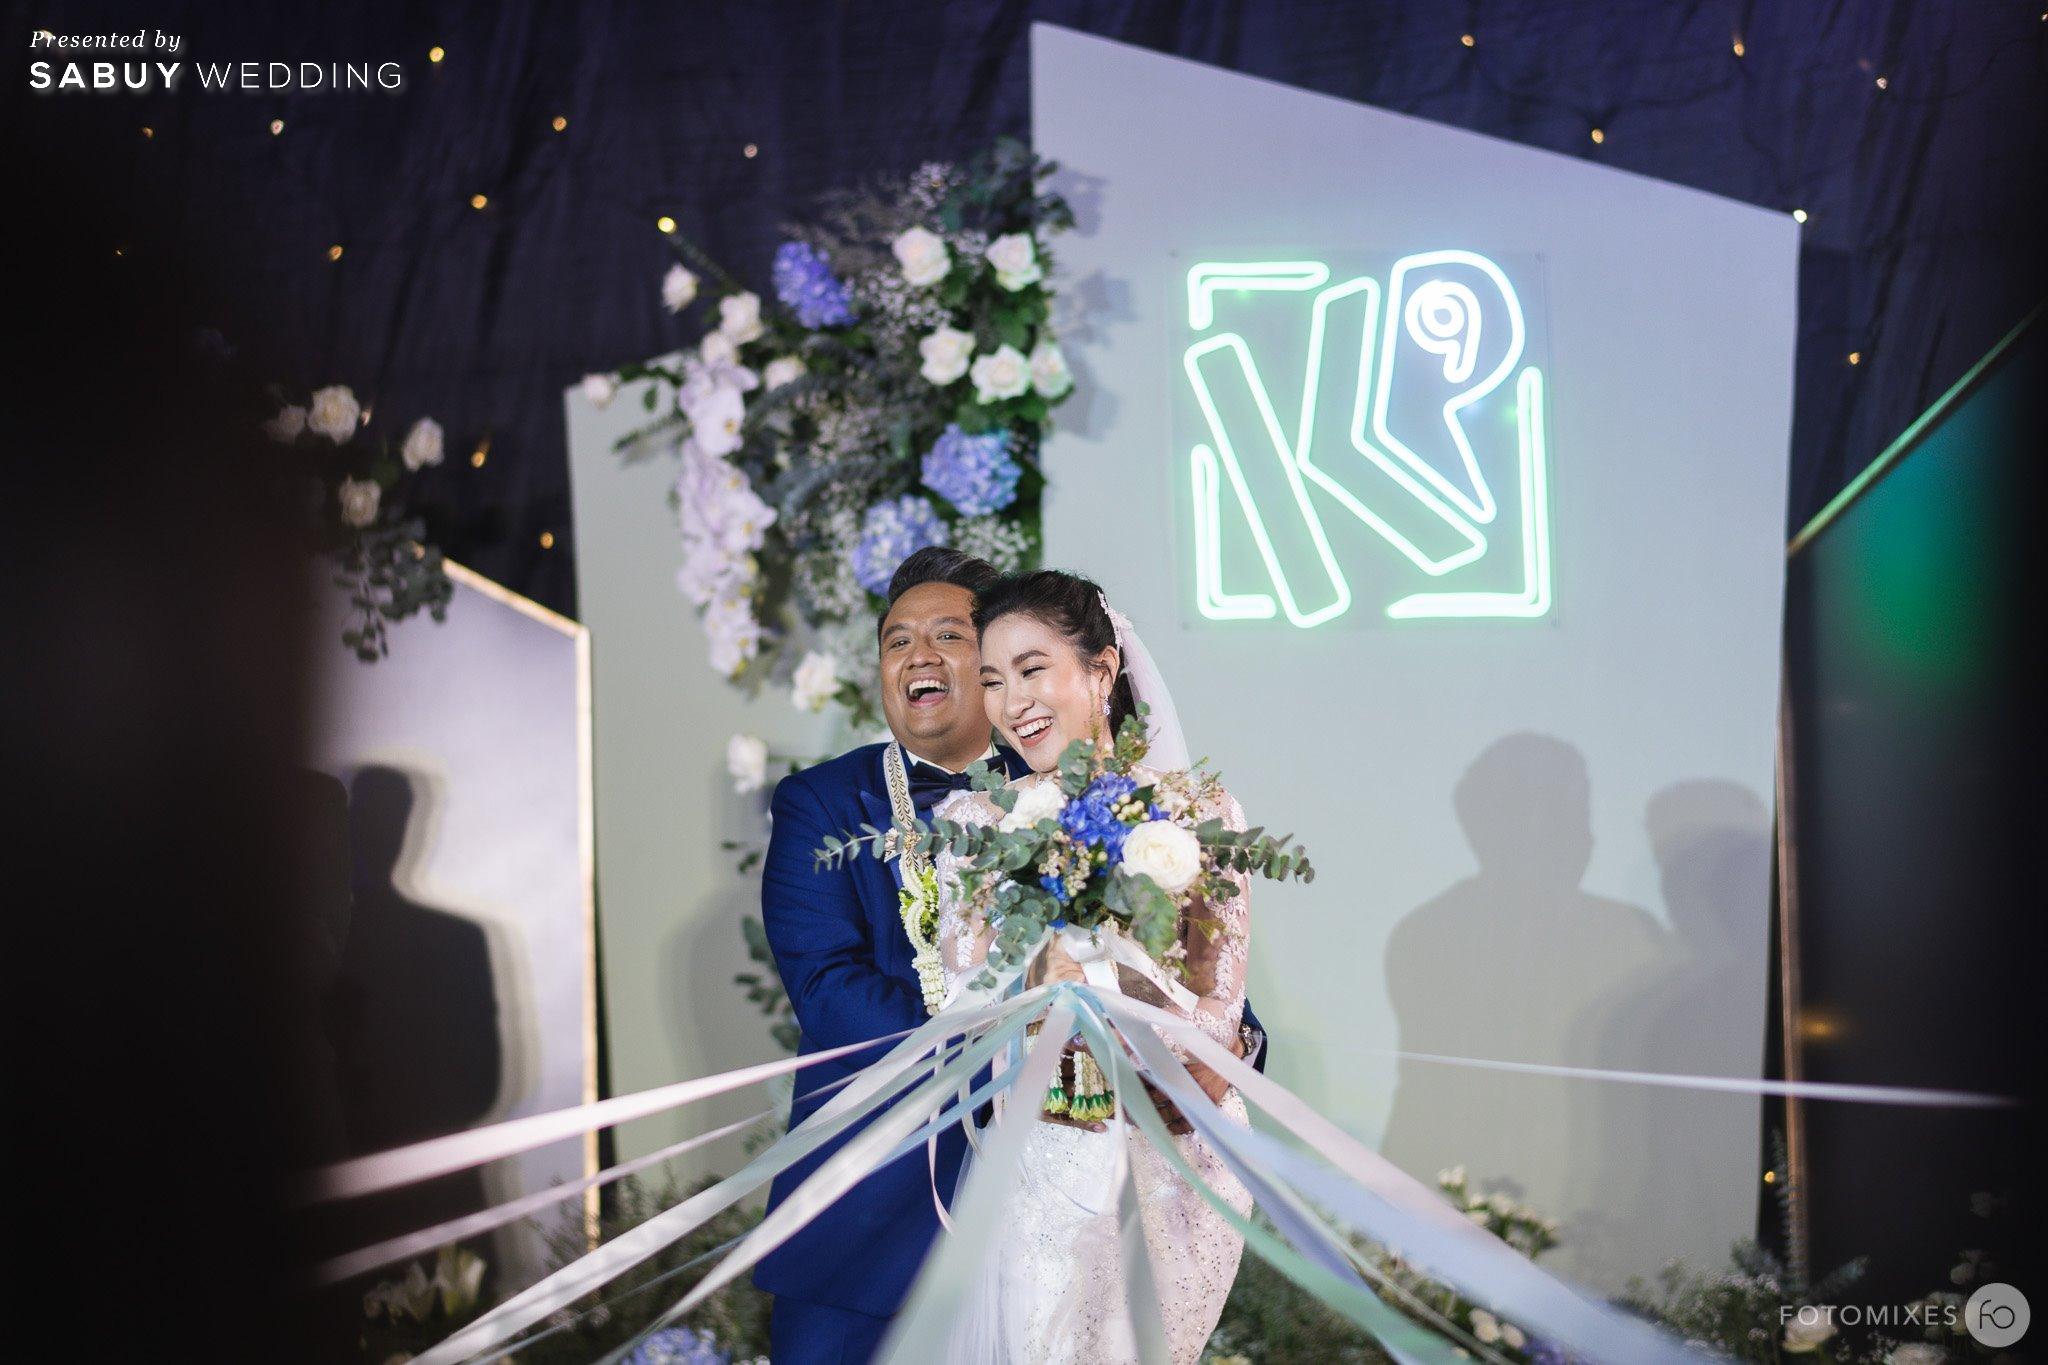 เจ้าบ่าว,งานแต่งงาน,เจ้าสาว,ช่อดอกไม้เจ้าสาว รีวิวงานแต่งแสนหวานกับคอนเซ็ปต์งานสไตล์ English Garden @ Sofitel Bangkok Sukhumvit